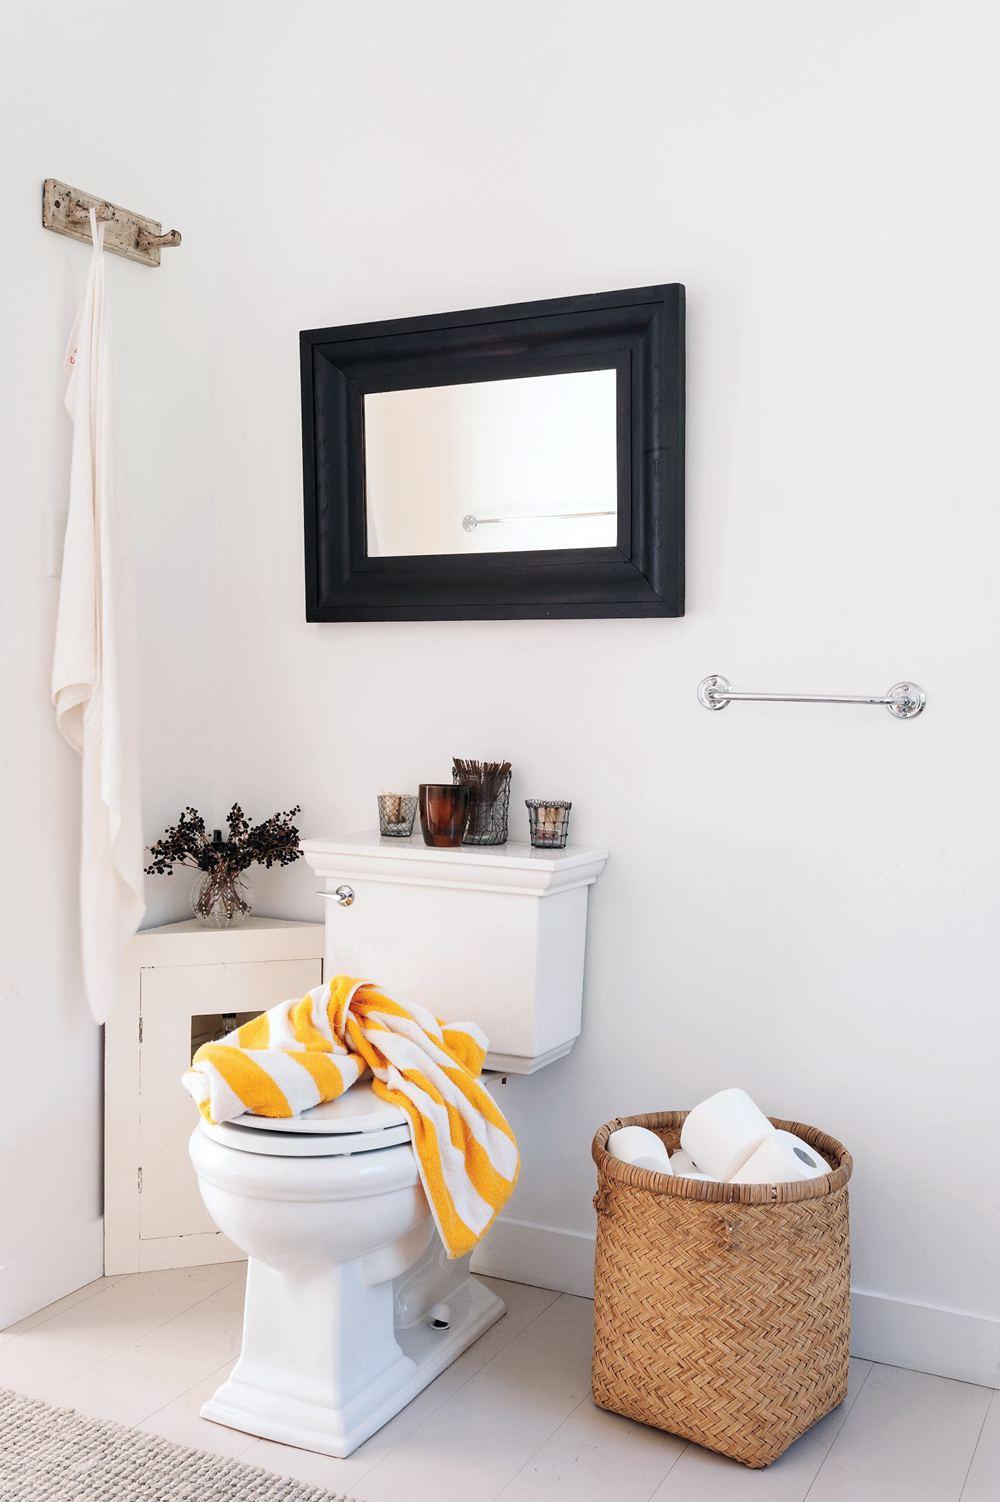 15.Toilet Paper Holder Basket